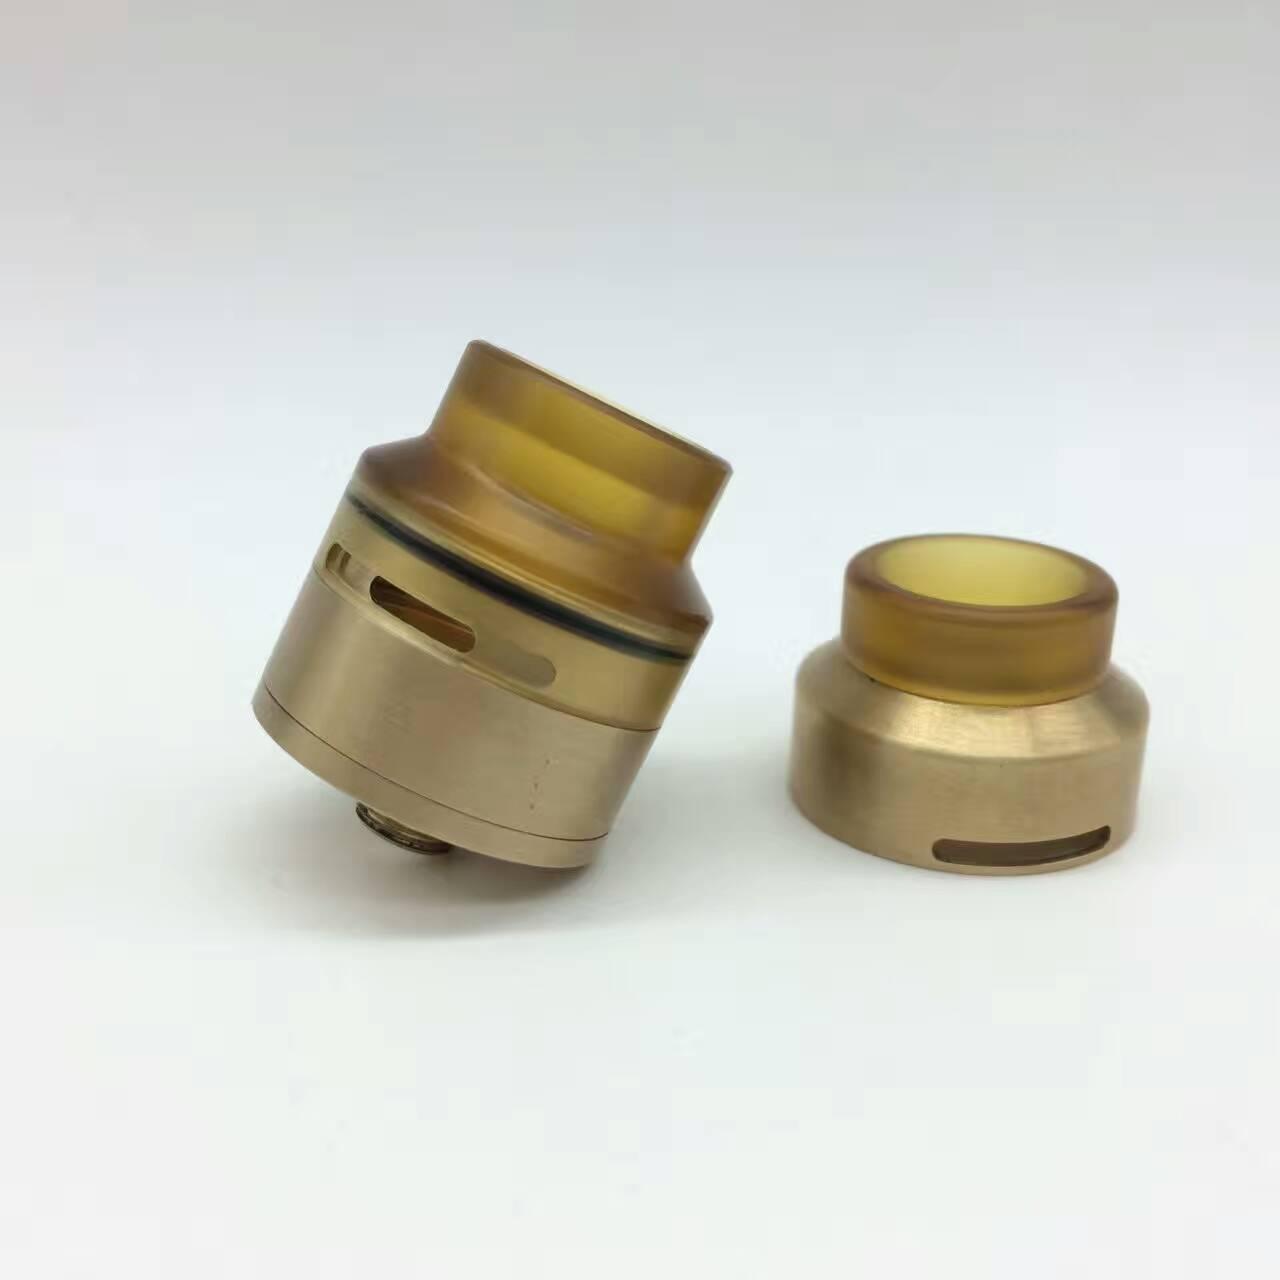 DMvapor 528 Goon LP Rebuildable Dripping Atomizer - Brass